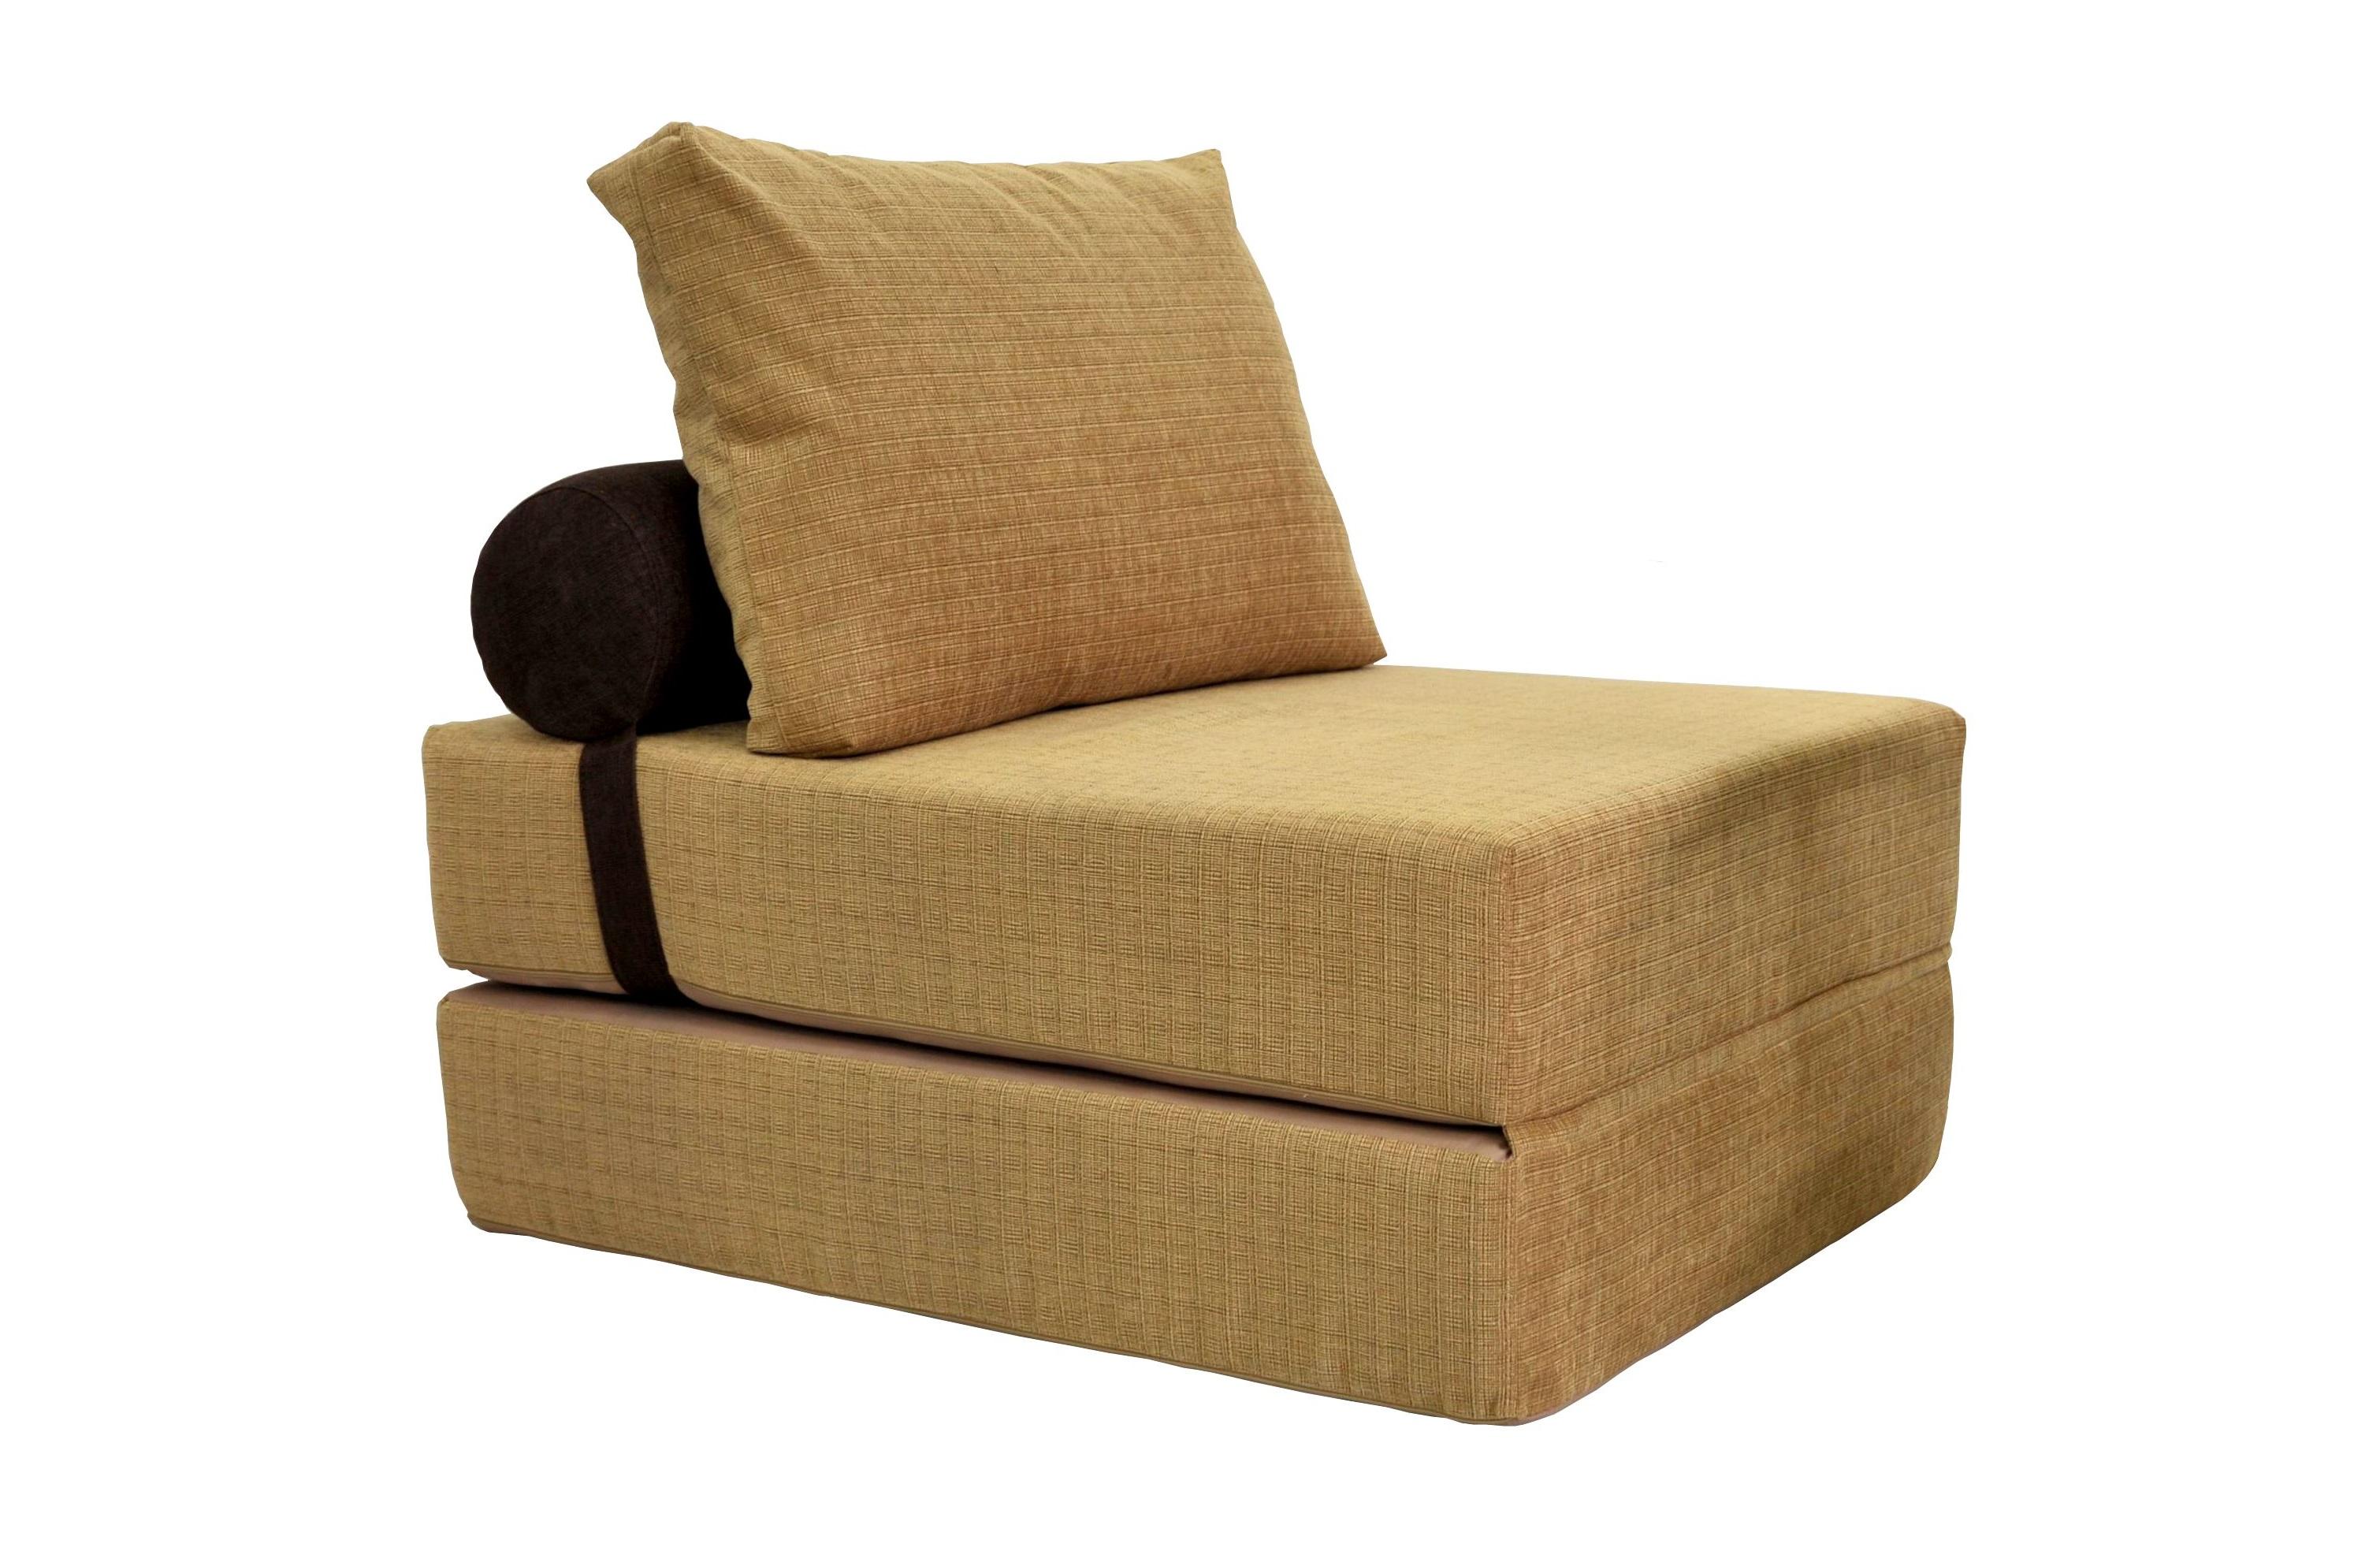 Кресло-кровать Costa GoldКресла-кровати<br>Бескаркасное кресло-кровать из коллекции IQMebel  идеально для использования в небольших комнатах, поскольку в сложенном виде кресло занимает чуть более половины квадратного метра. В тоже время, в разложенном варианте, кресло-кровать представляет собой полноценное спальное место для взрослого человека. Отсутствие твердых элементов гарантирует вашу безопасность и защиту от травм. Габариты: длина 100см. (в сложенном виде), длина 200см. (в разложенном).&amp;amp;nbsp;&amp;lt;div&amp;gt;&amp;lt;br&amp;gt;&amp;lt;/div&amp;gt;&amp;lt;div&amp;gt;Ткань: внешний чехол – рогожка, полиэстер.&amp;amp;nbsp;&amp;lt;/div&amp;gt;&amp;lt;div&amp;gt;Внутренний чехол – есть, нейлон-хлопок.&amp;amp;nbsp;&amp;lt;/div&amp;gt;<br><br>Material: Текстиль<br>Length см: None<br>Width см: 100<br>Depth см: 70<br>Height см: 40